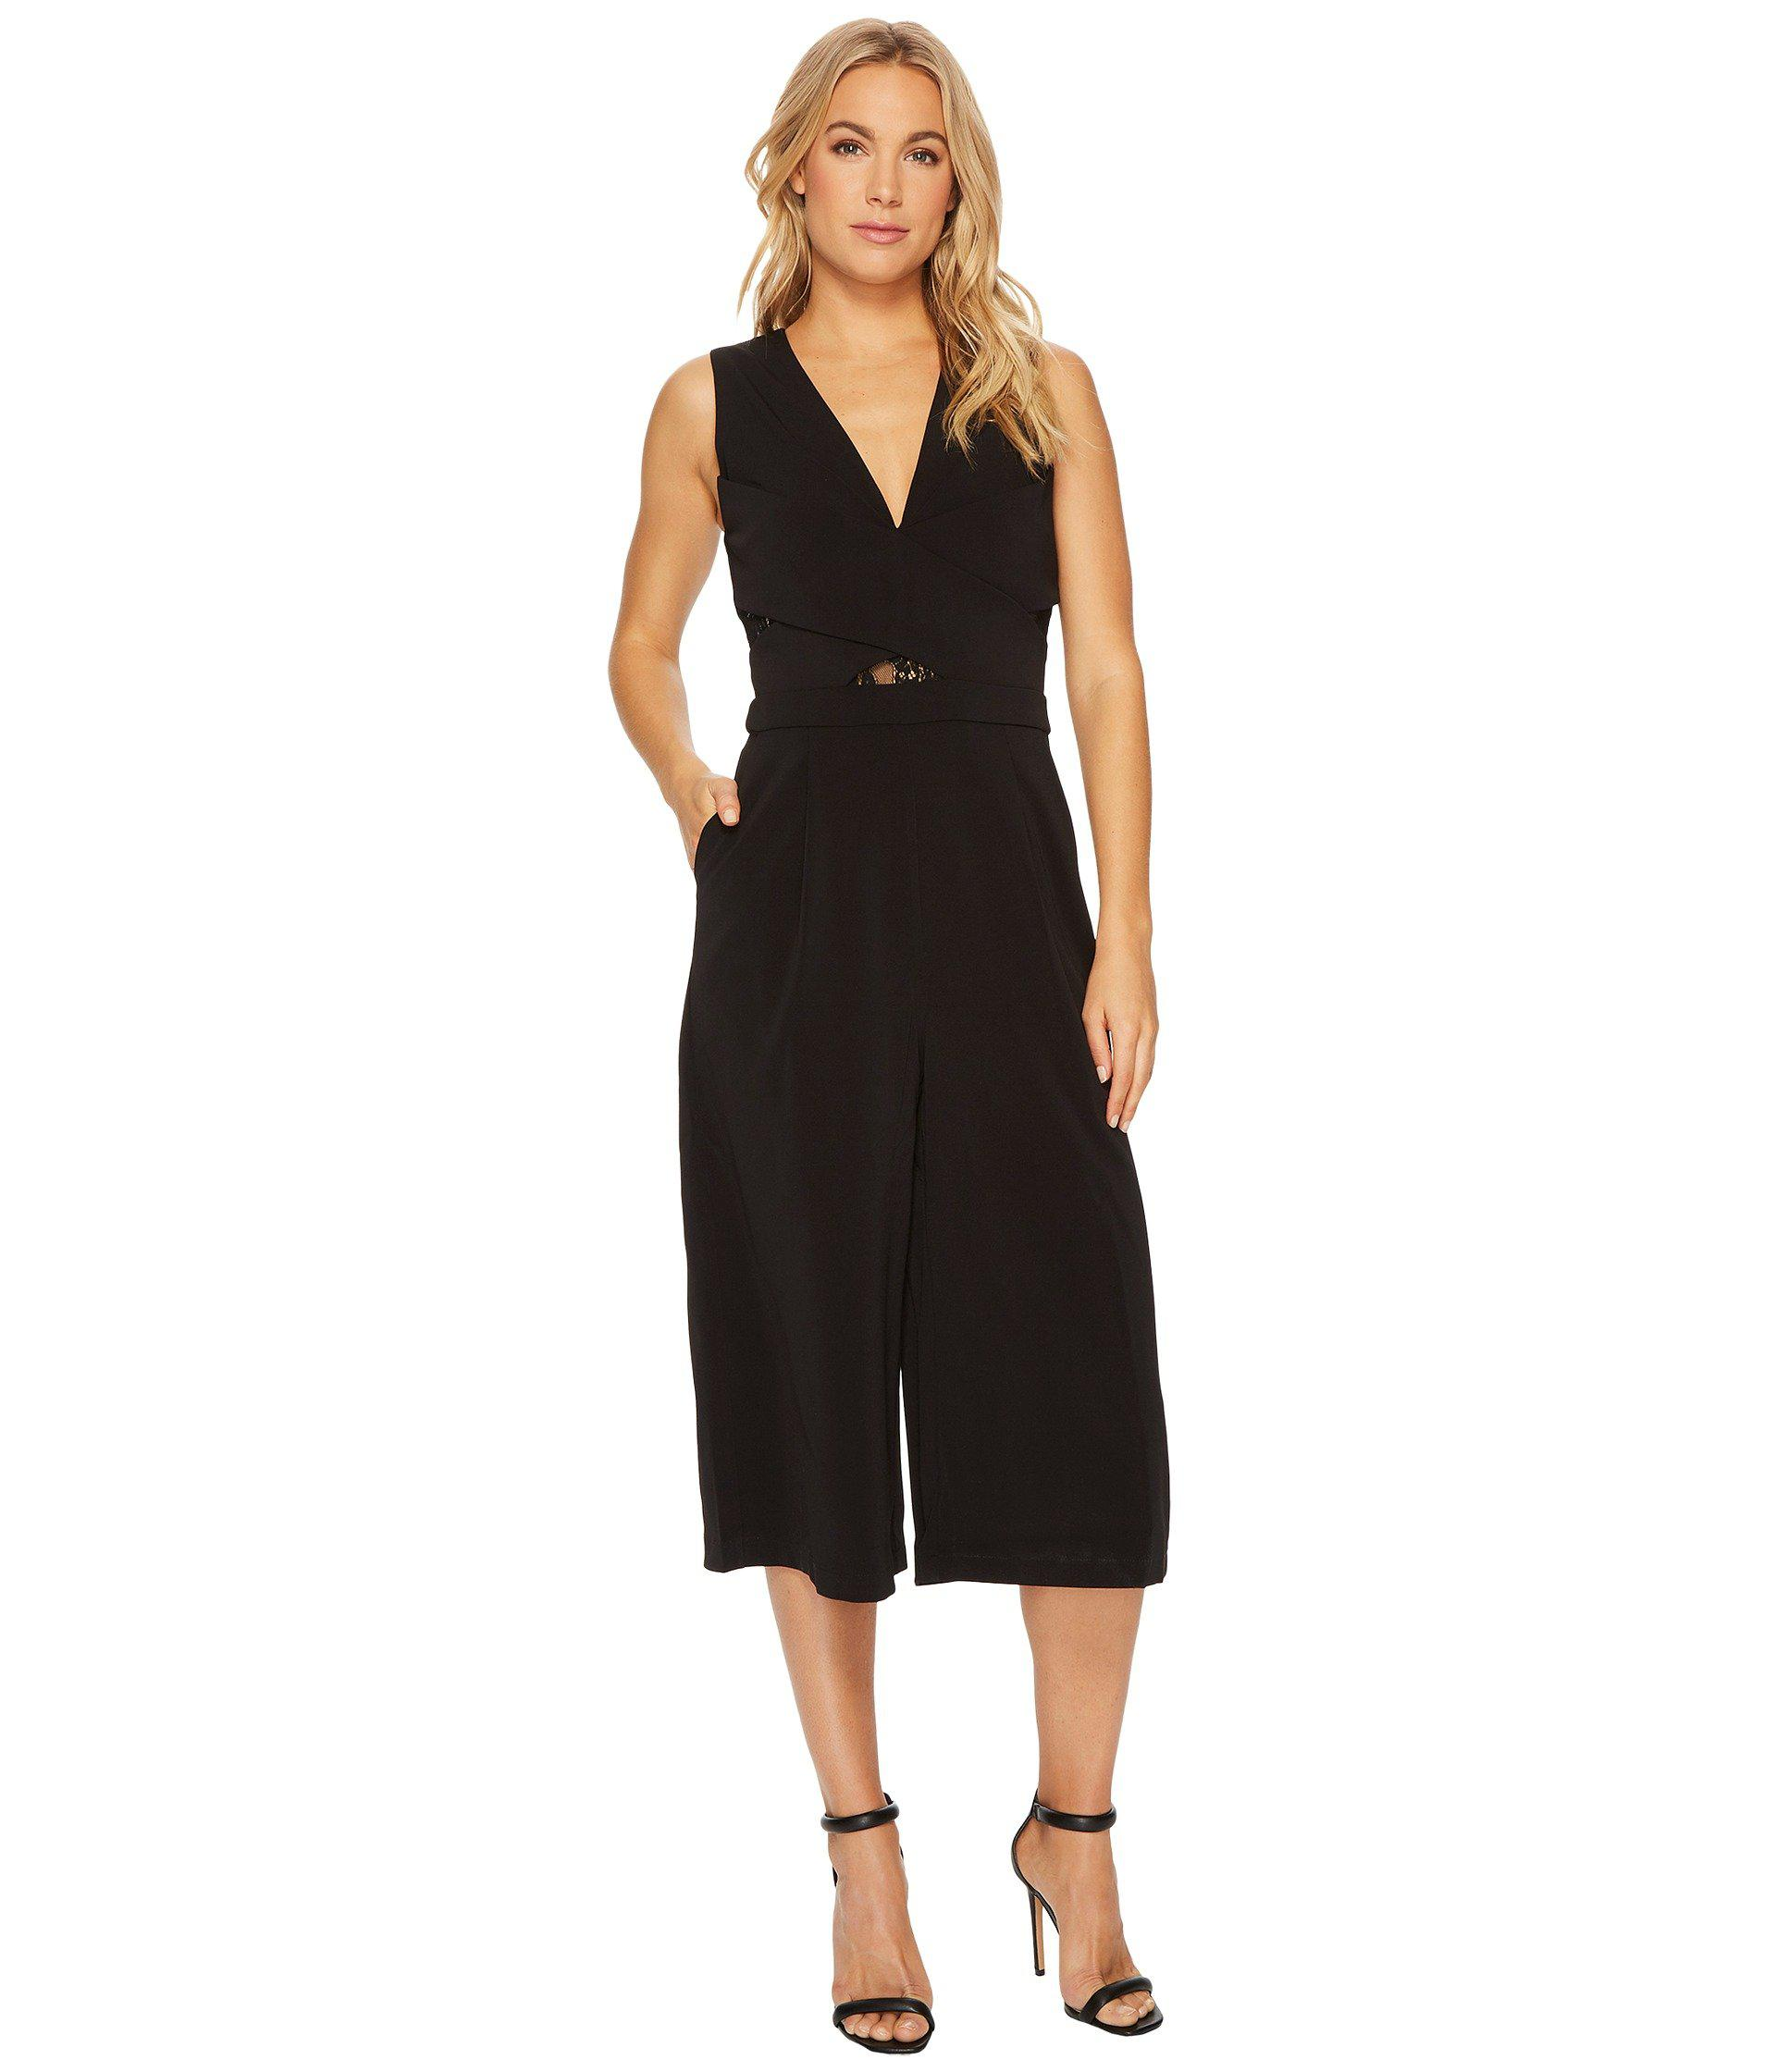 3d07a7667a3 Lyst - Adelyn Rae Lola Culottes in Black